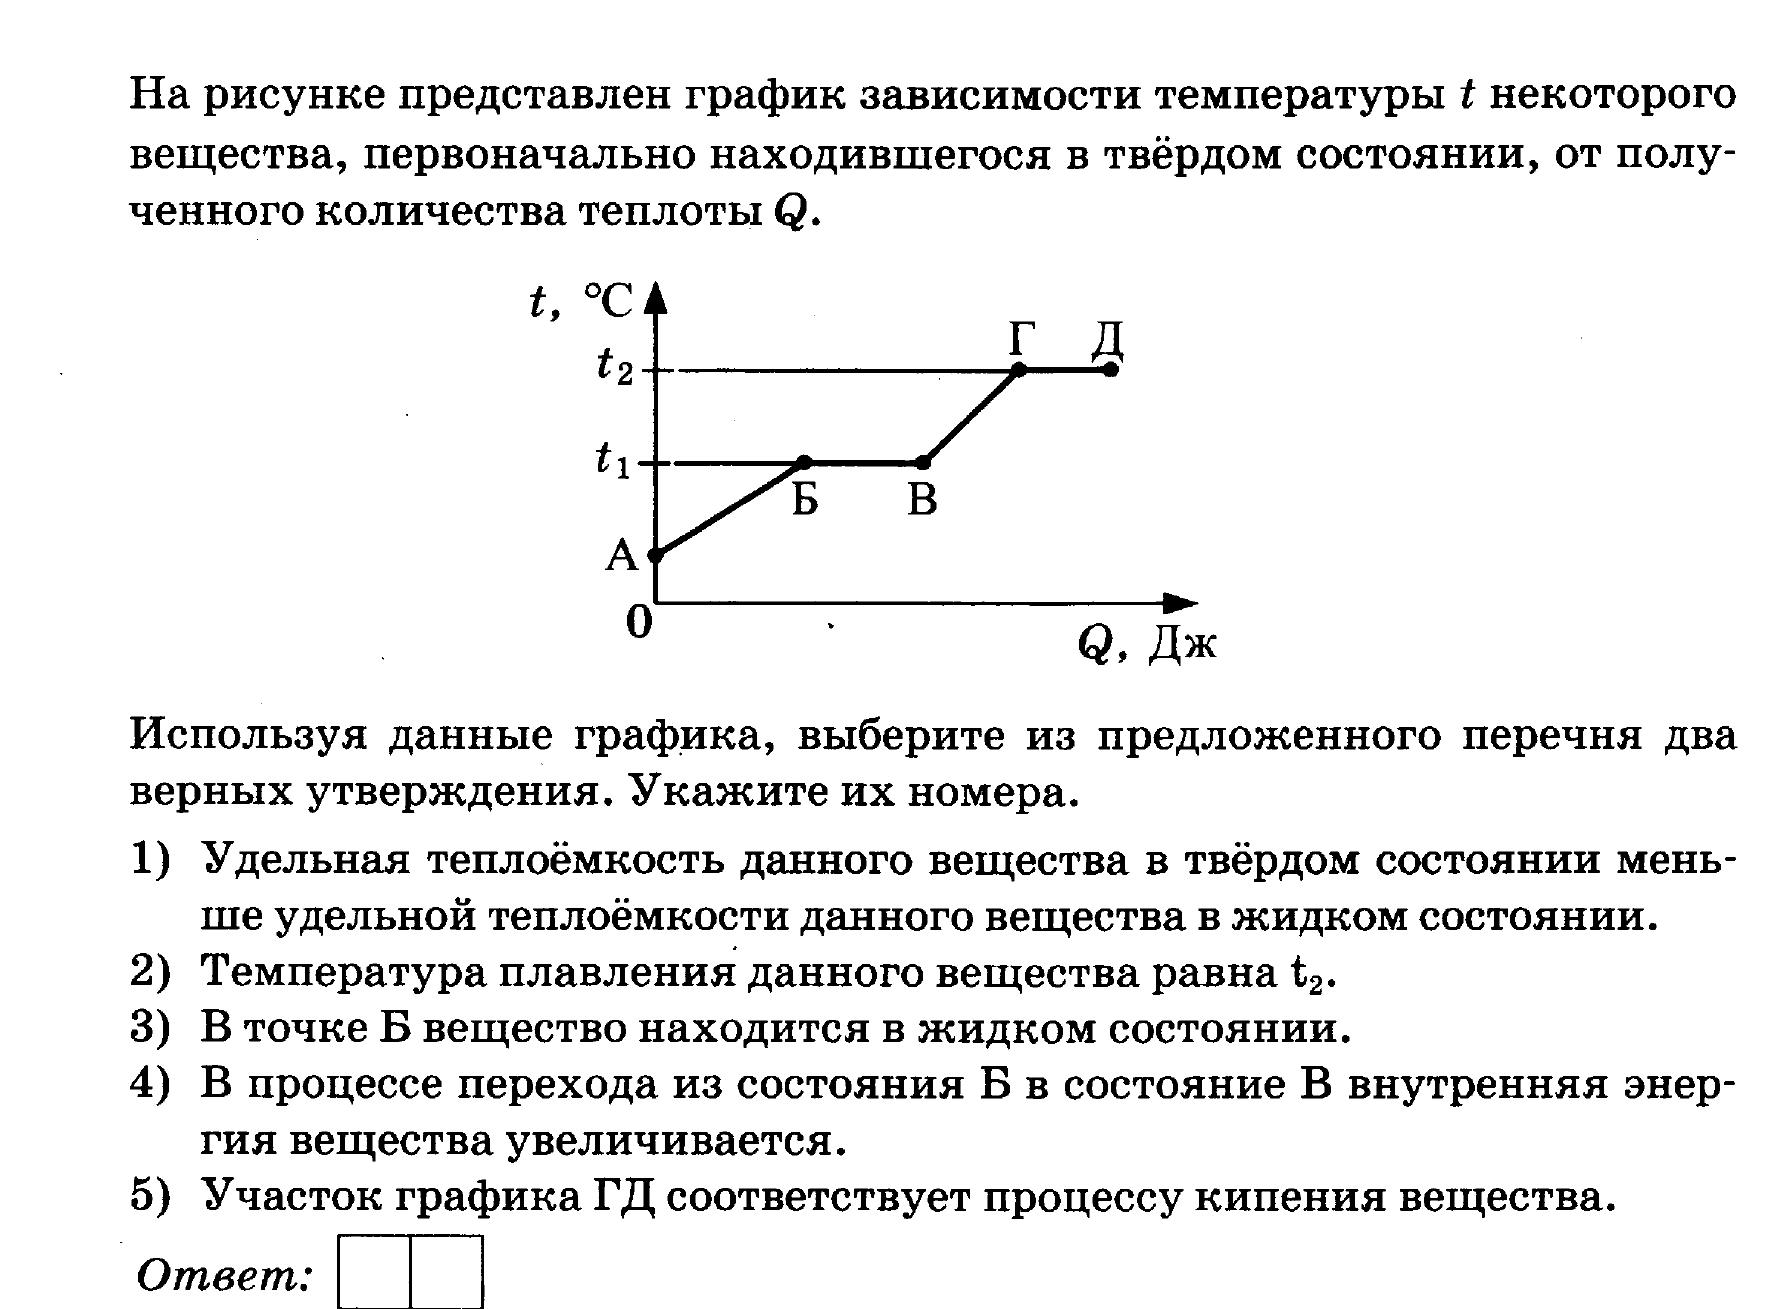 На рисунке представлена зависимость температуры некоторого вещества от